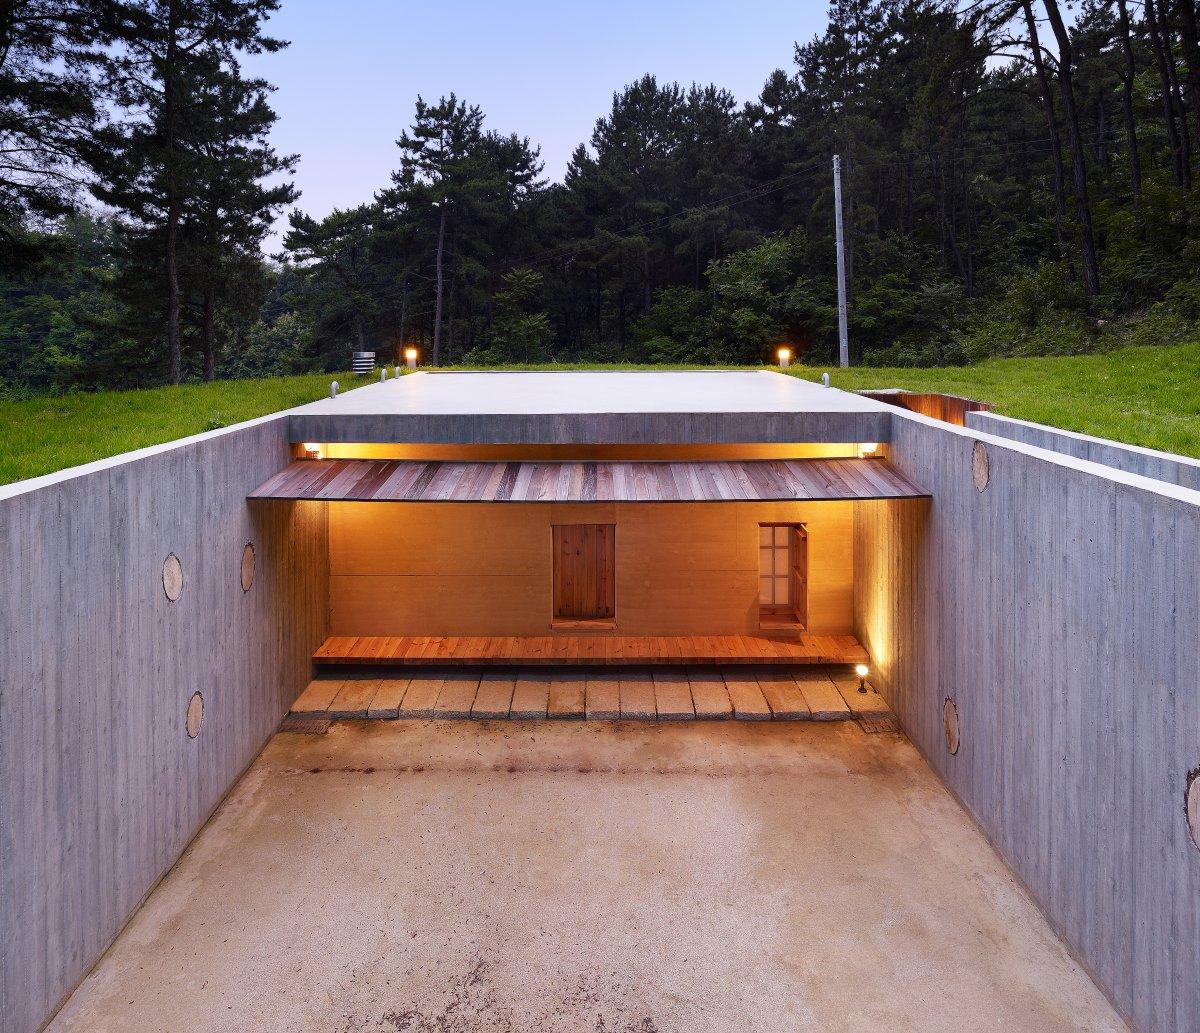 Được xây dựng vào năm 2009 để tưởng nhớ nhà thơ Hàn Quốc, tòa nhà Earth House ở Seoul có hai khoảng sân nối 6 phòng đơn, một nhà bếp, một phòng học và một phòng tắm với bồn bằng gỗ và toilet.